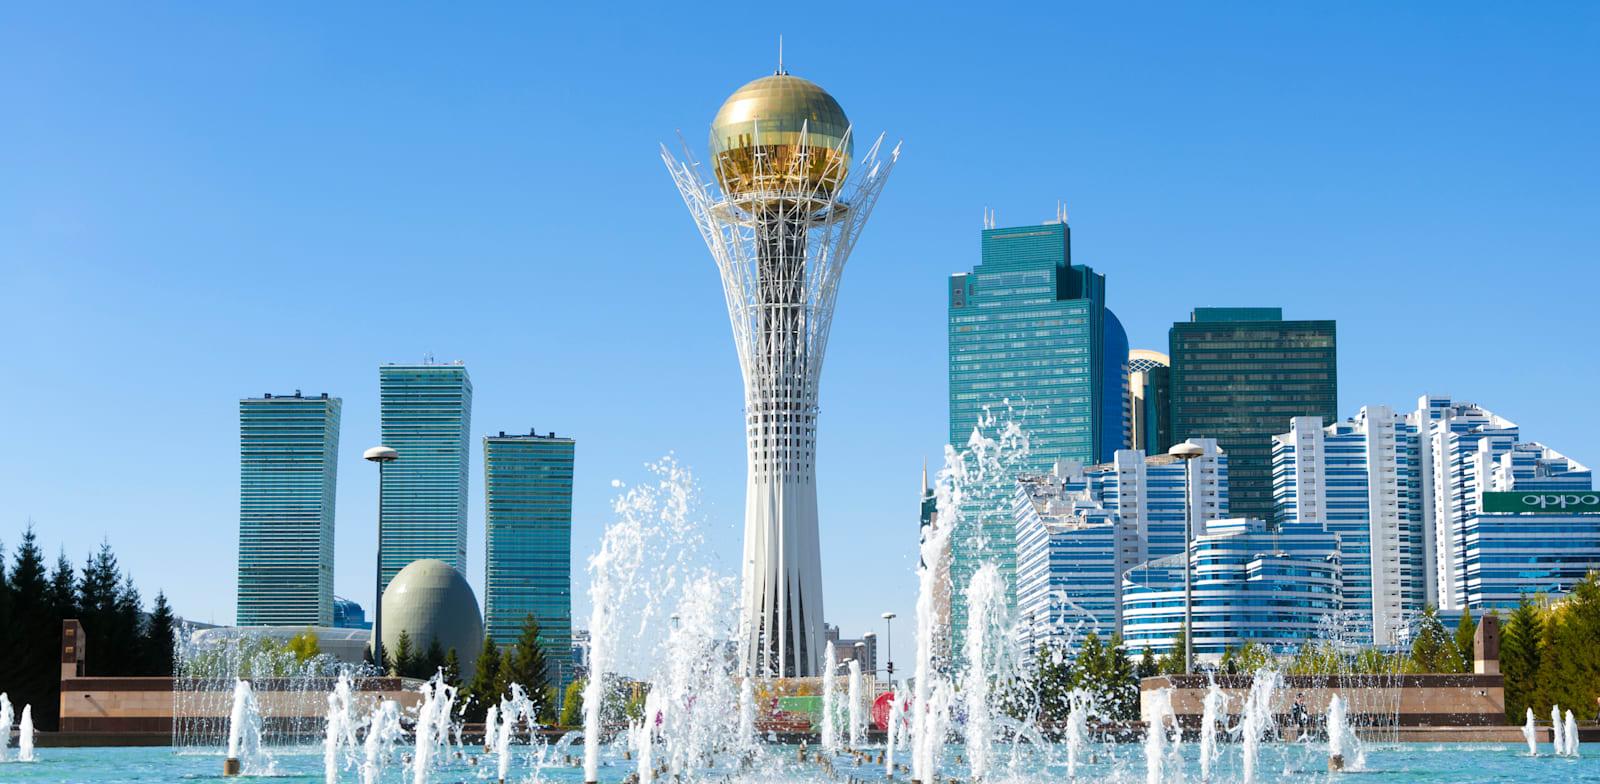 אסטנה, בירת קזחסטן. ארנה (אז מנופים) רכשה קרקע בעיר בשנת 2007 / צילום: Shutterstock